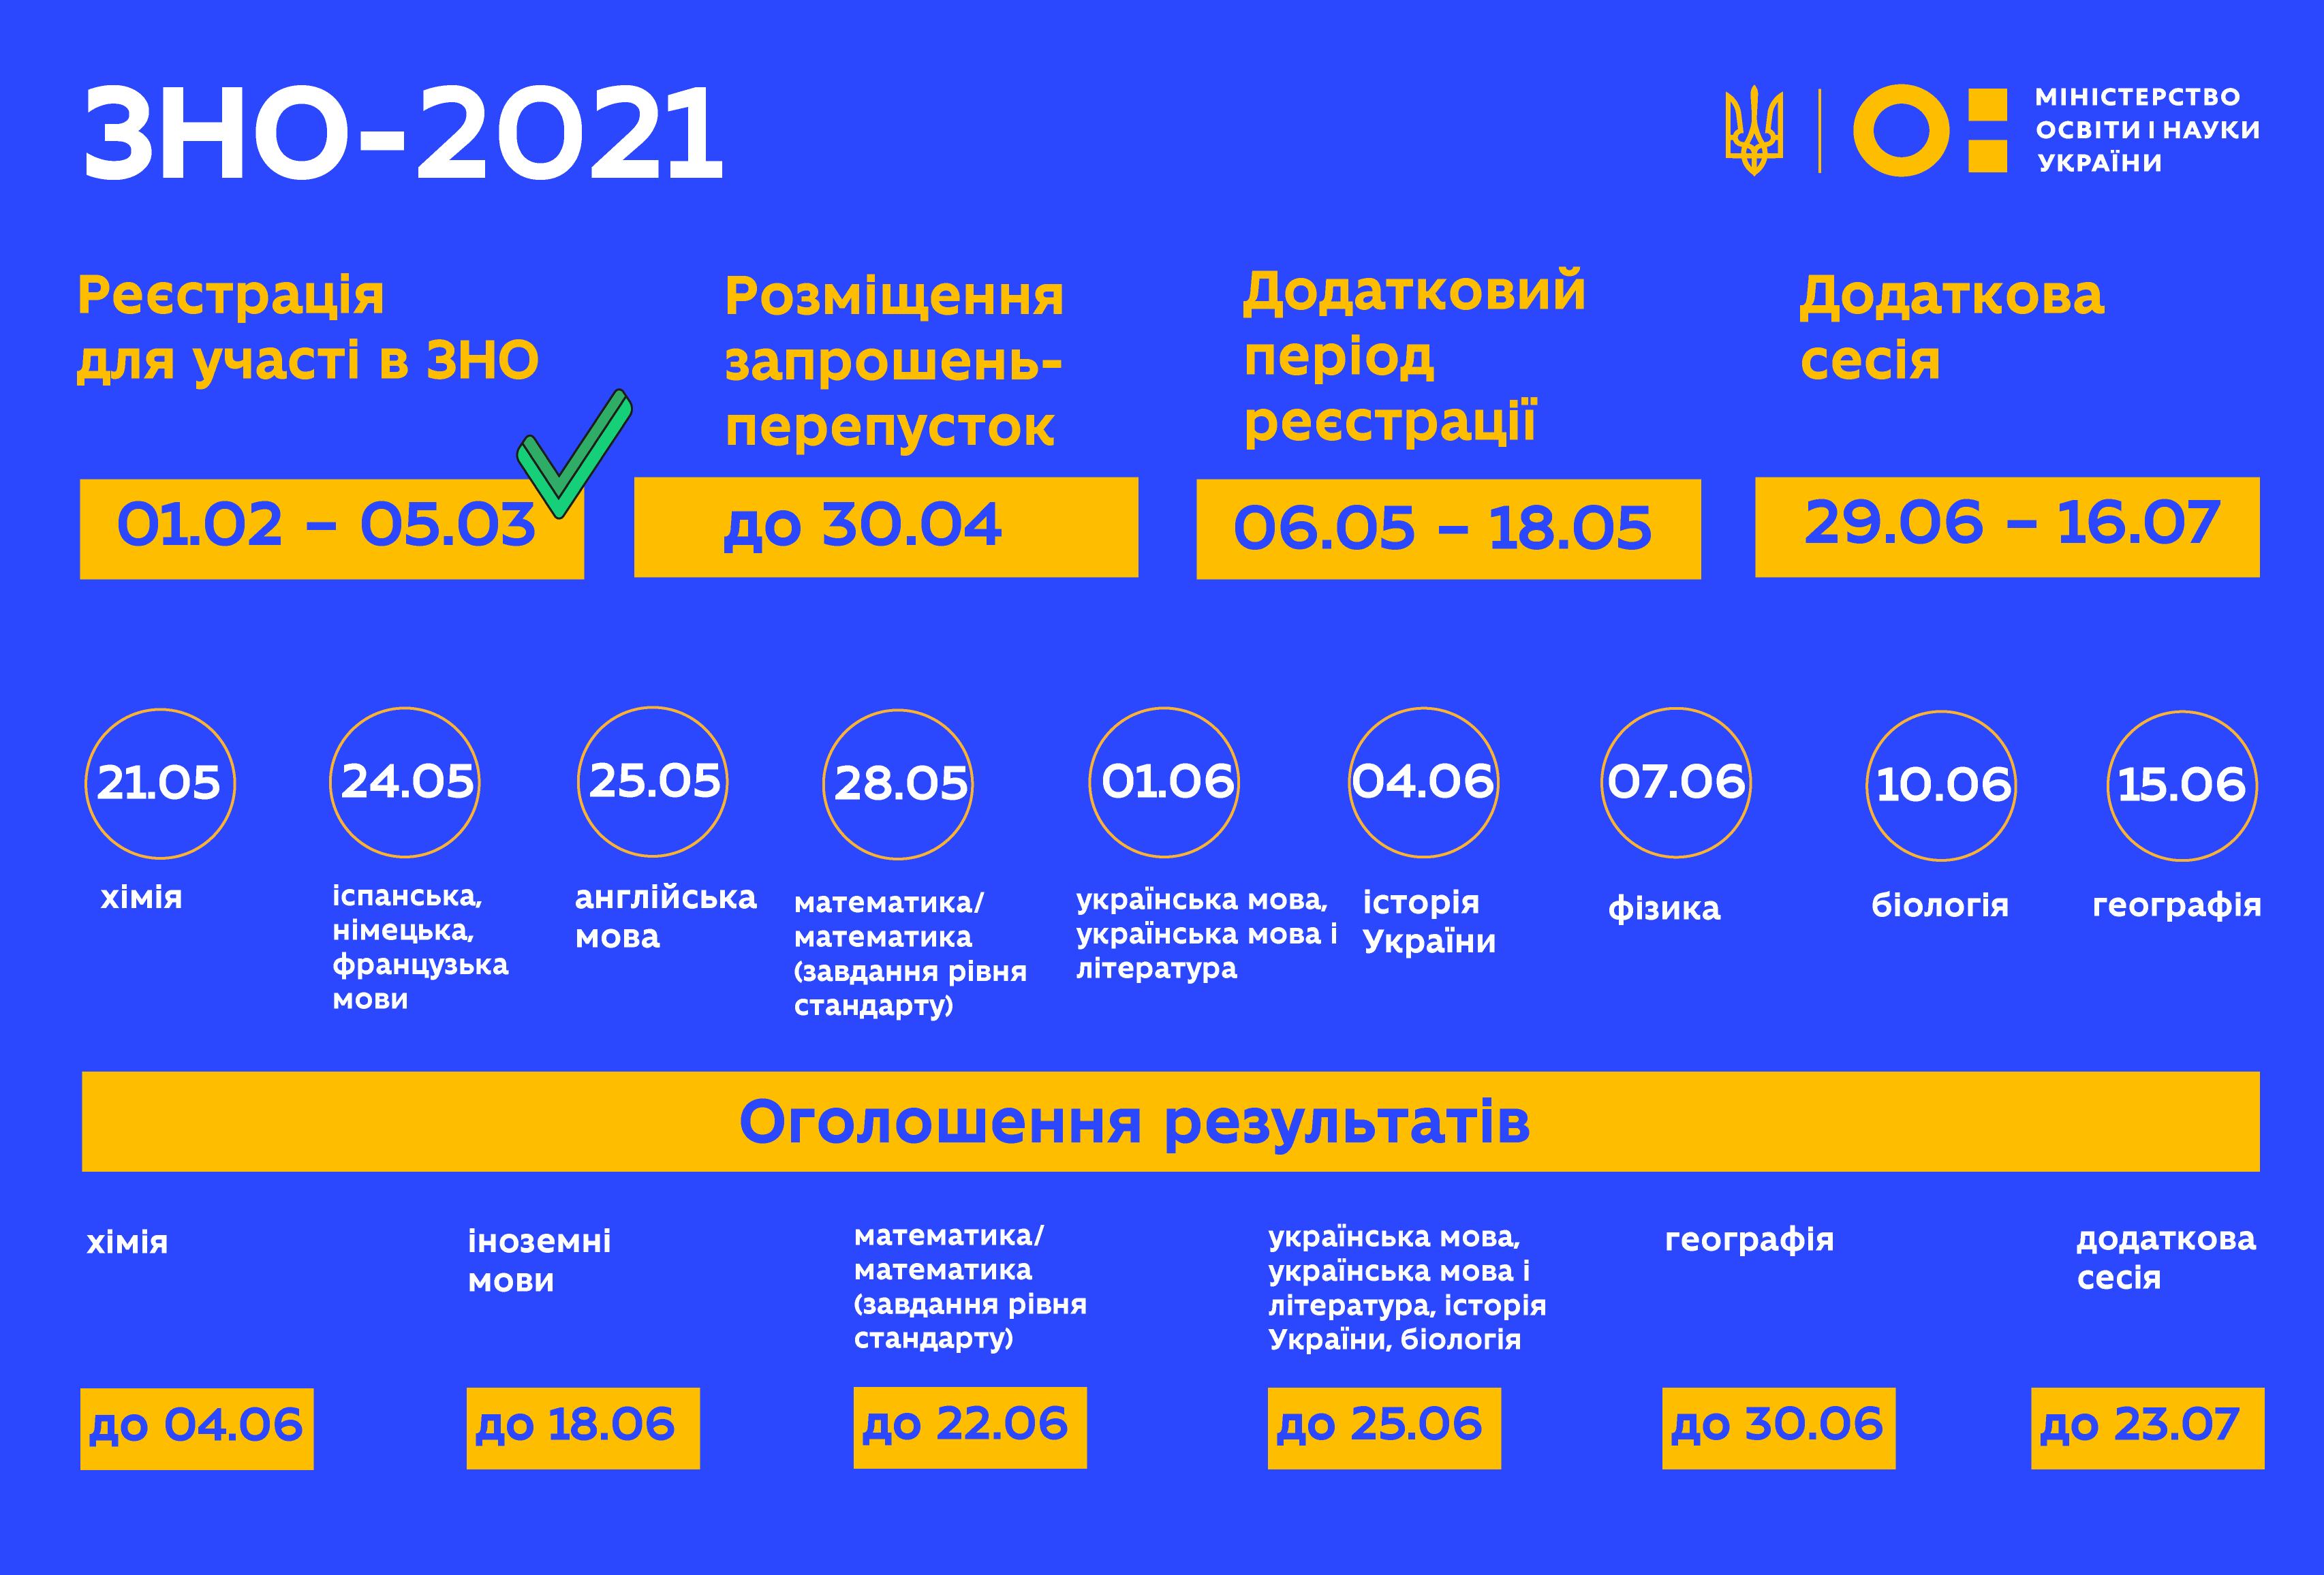 Могут ли отменить ВНО-2021 из-за пика COVID-19: заявление МОН - фото 3